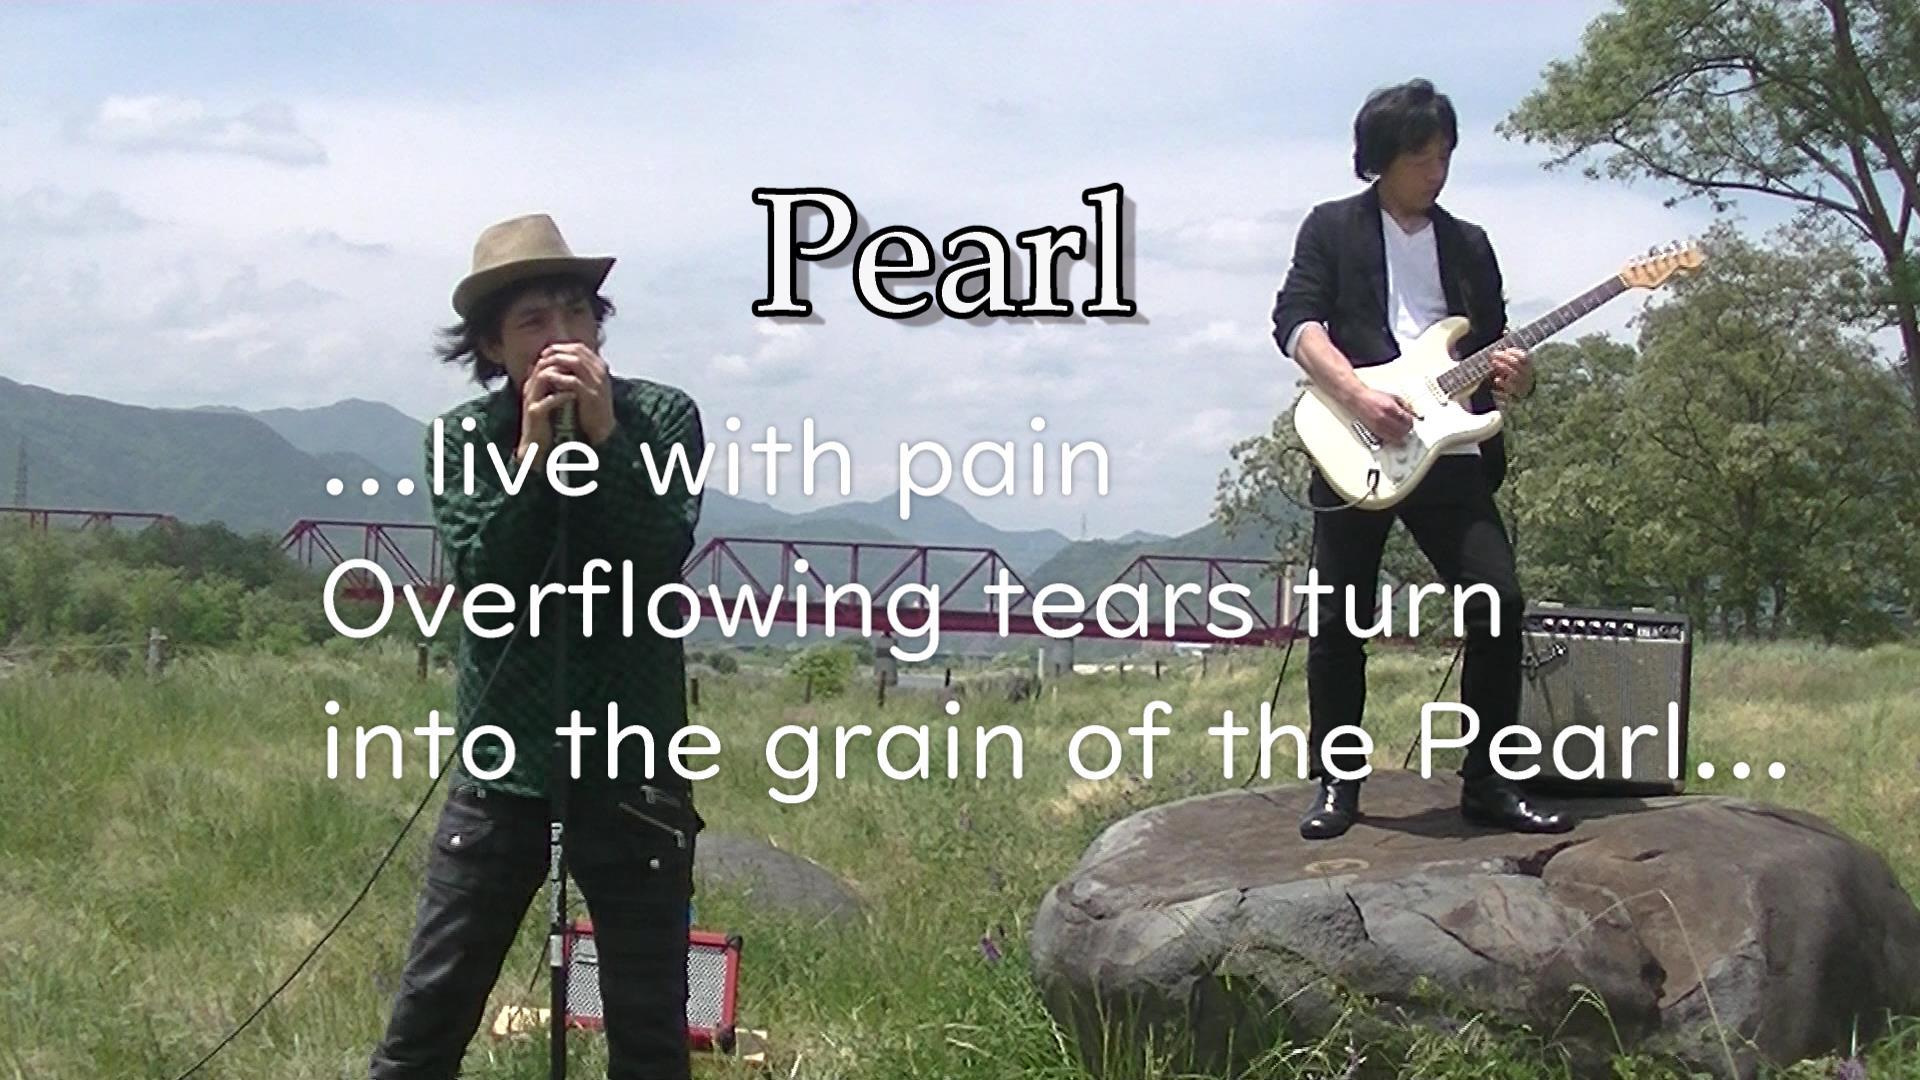 パール ミュージックビデオ